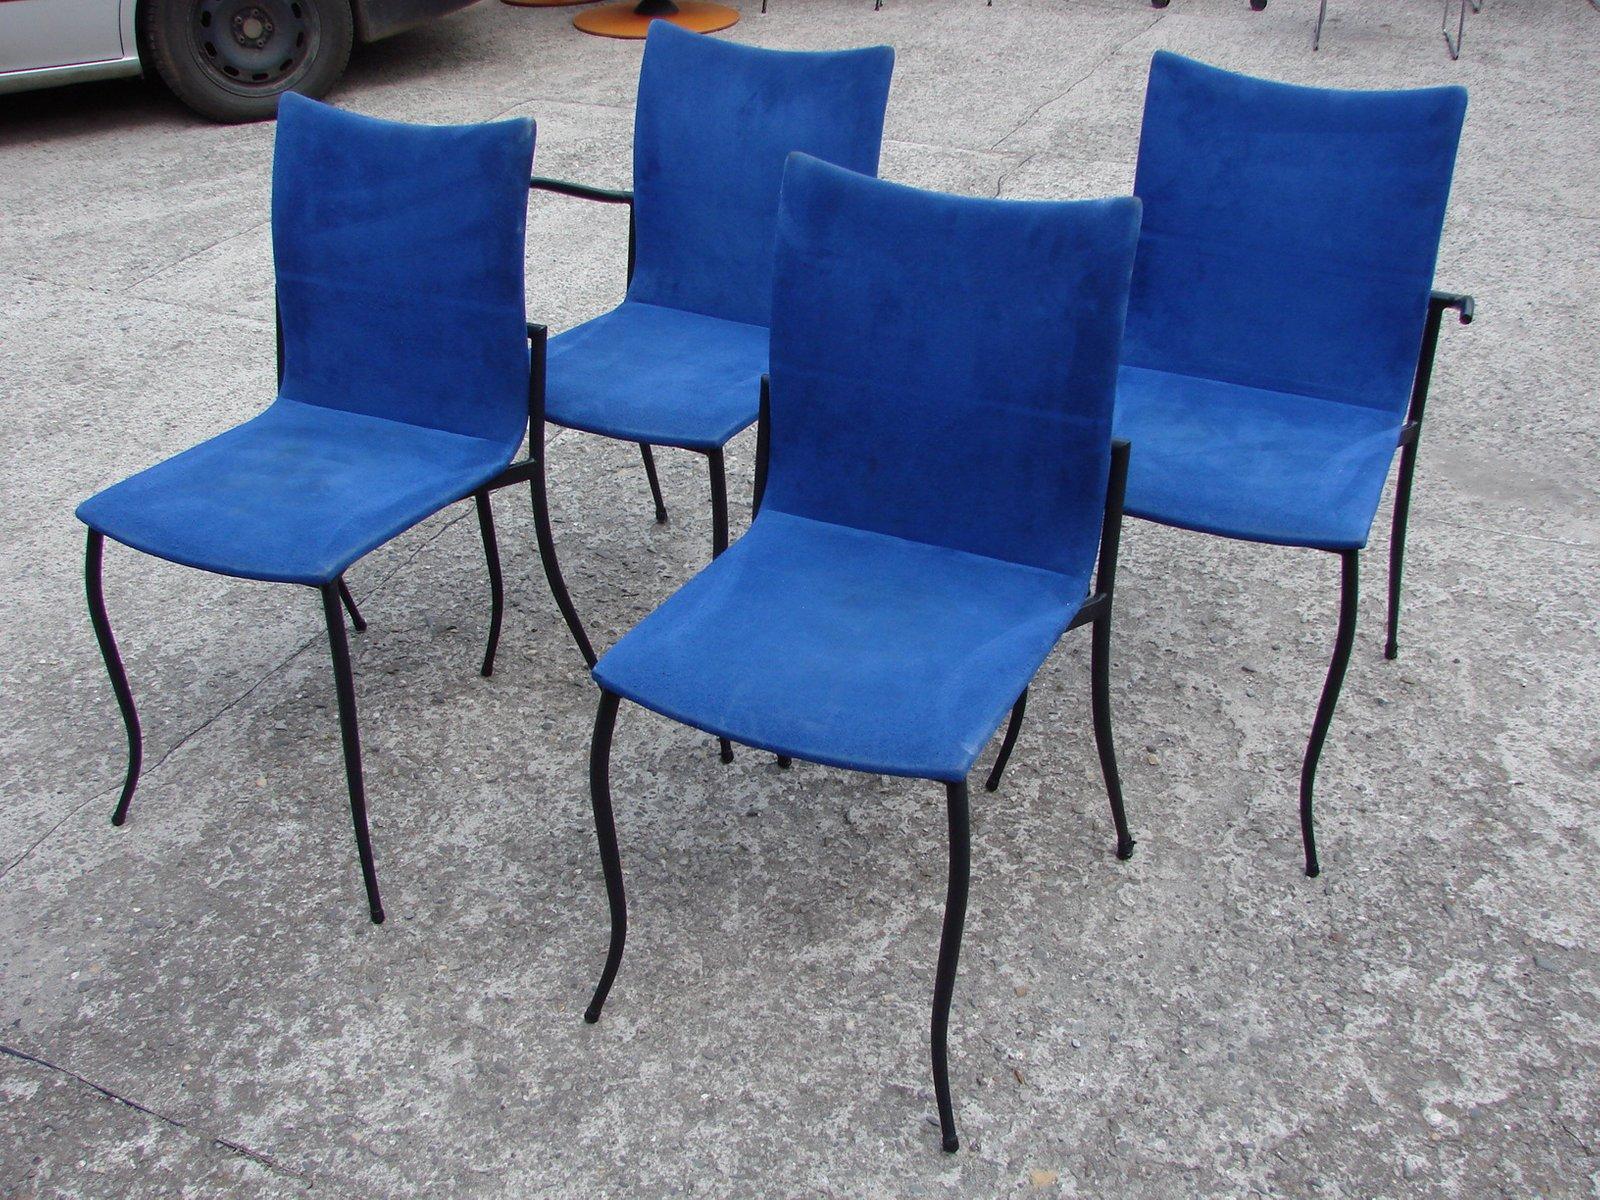 st hle aus metall mit blaumen bez gen von kff design 1980er 4er set bei pamono kaufen. Black Bedroom Furniture Sets. Home Design Ideas